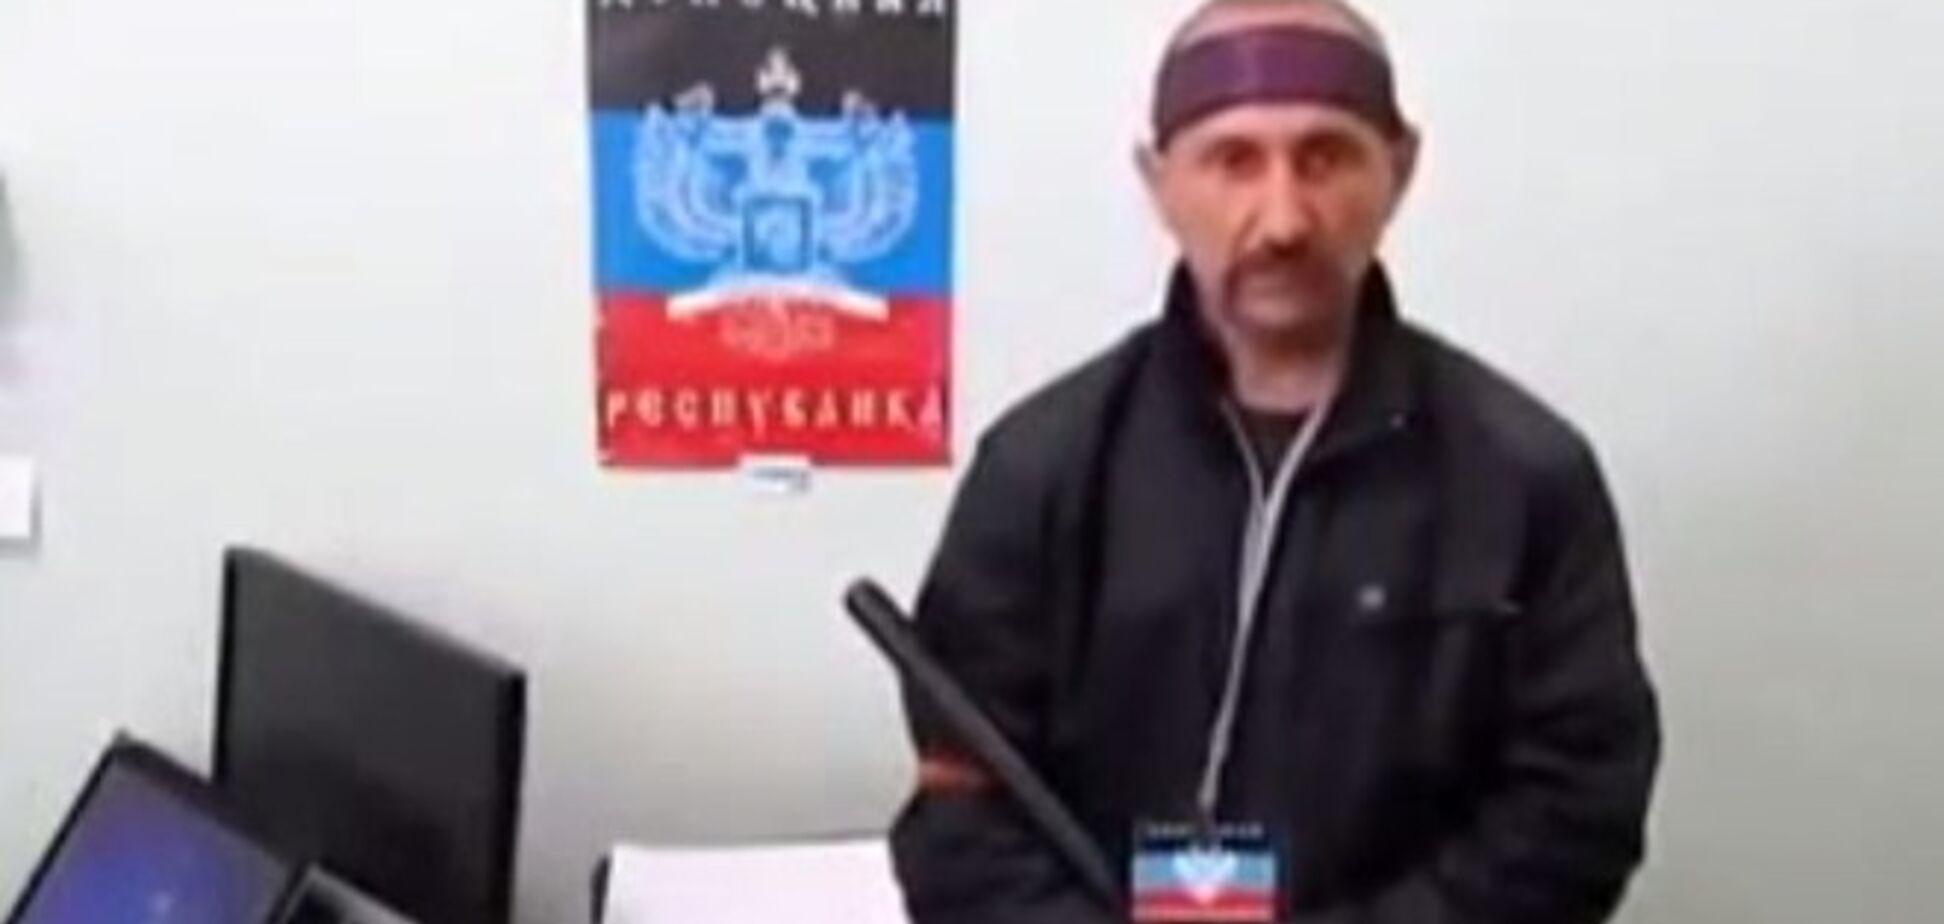 Бойовик 'Бродяга' звернувся з погрозами до патріотів України